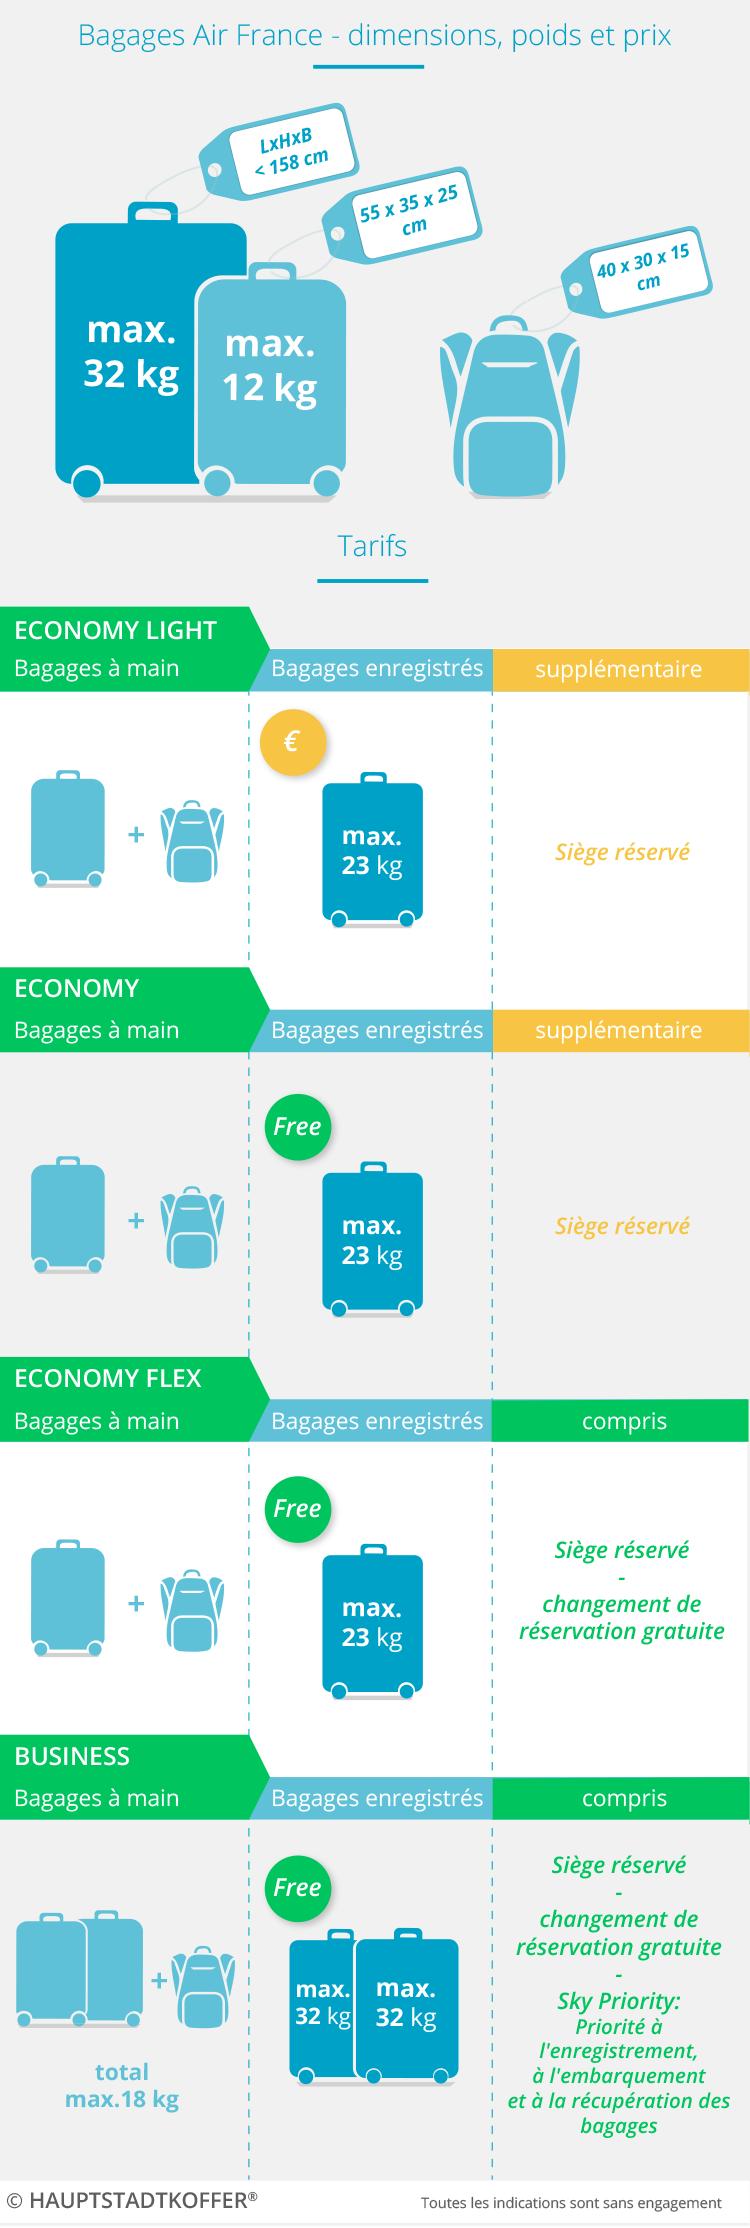 Air France Handgepäck - Handgepäckbestimmungen bei Flügen mit Air France